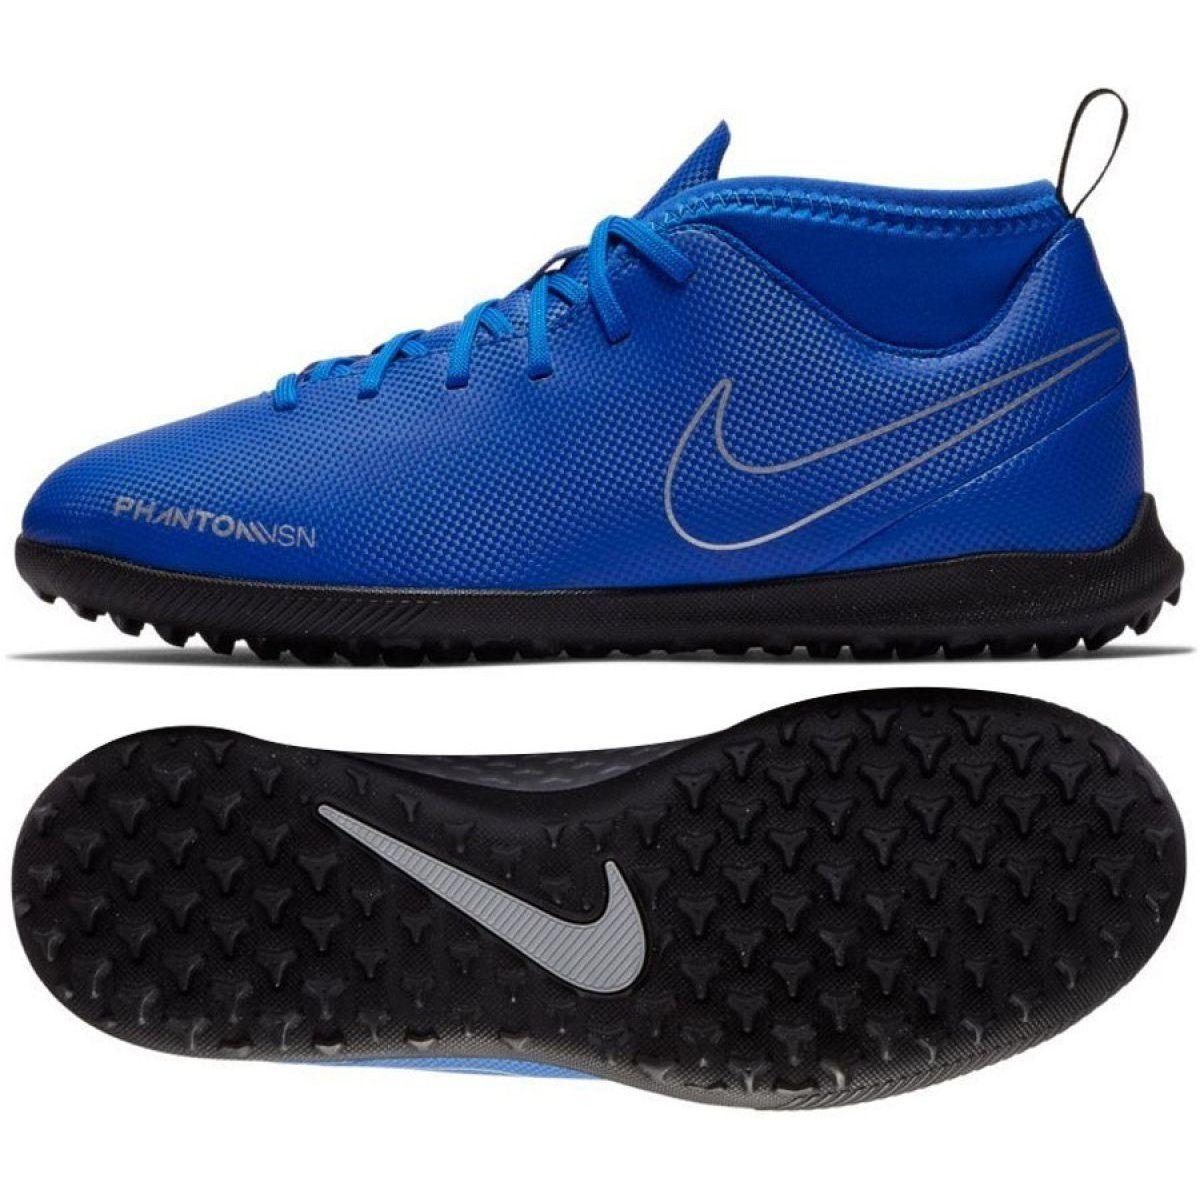 Football Shoes Nike Phantom Vsn Club Df Tf Jr Ao3294 400 Blue Multicolored Football Shoes Nike Football Outfits